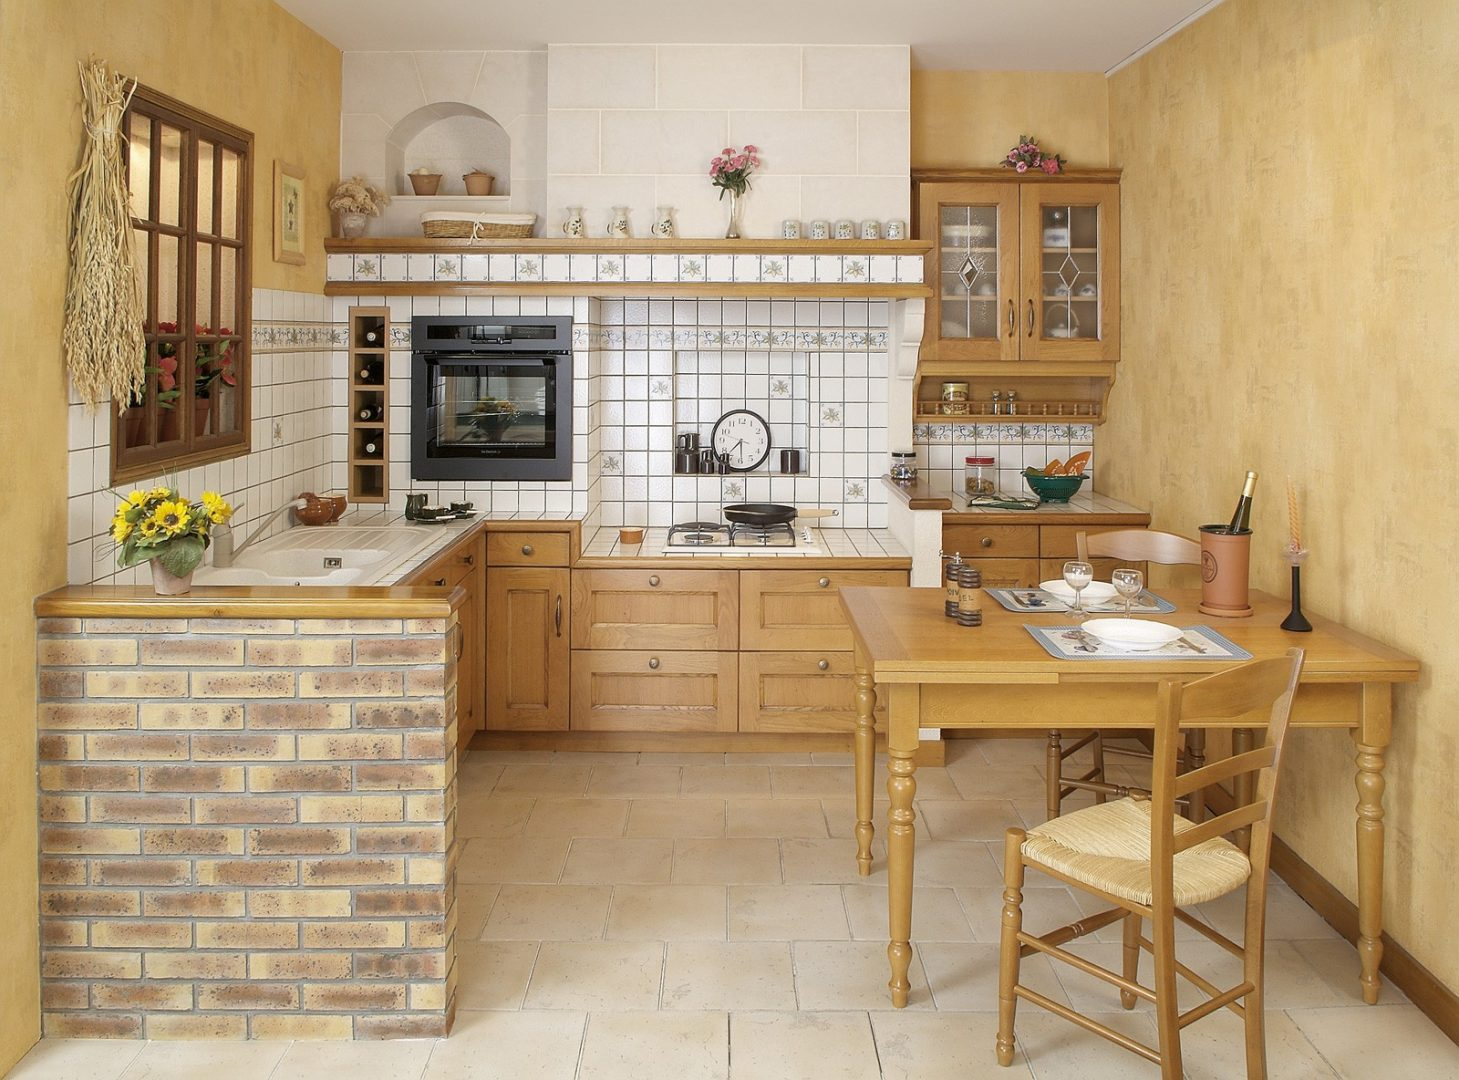 Fotografías que me gustan: Fotografías de cocinas rústicas